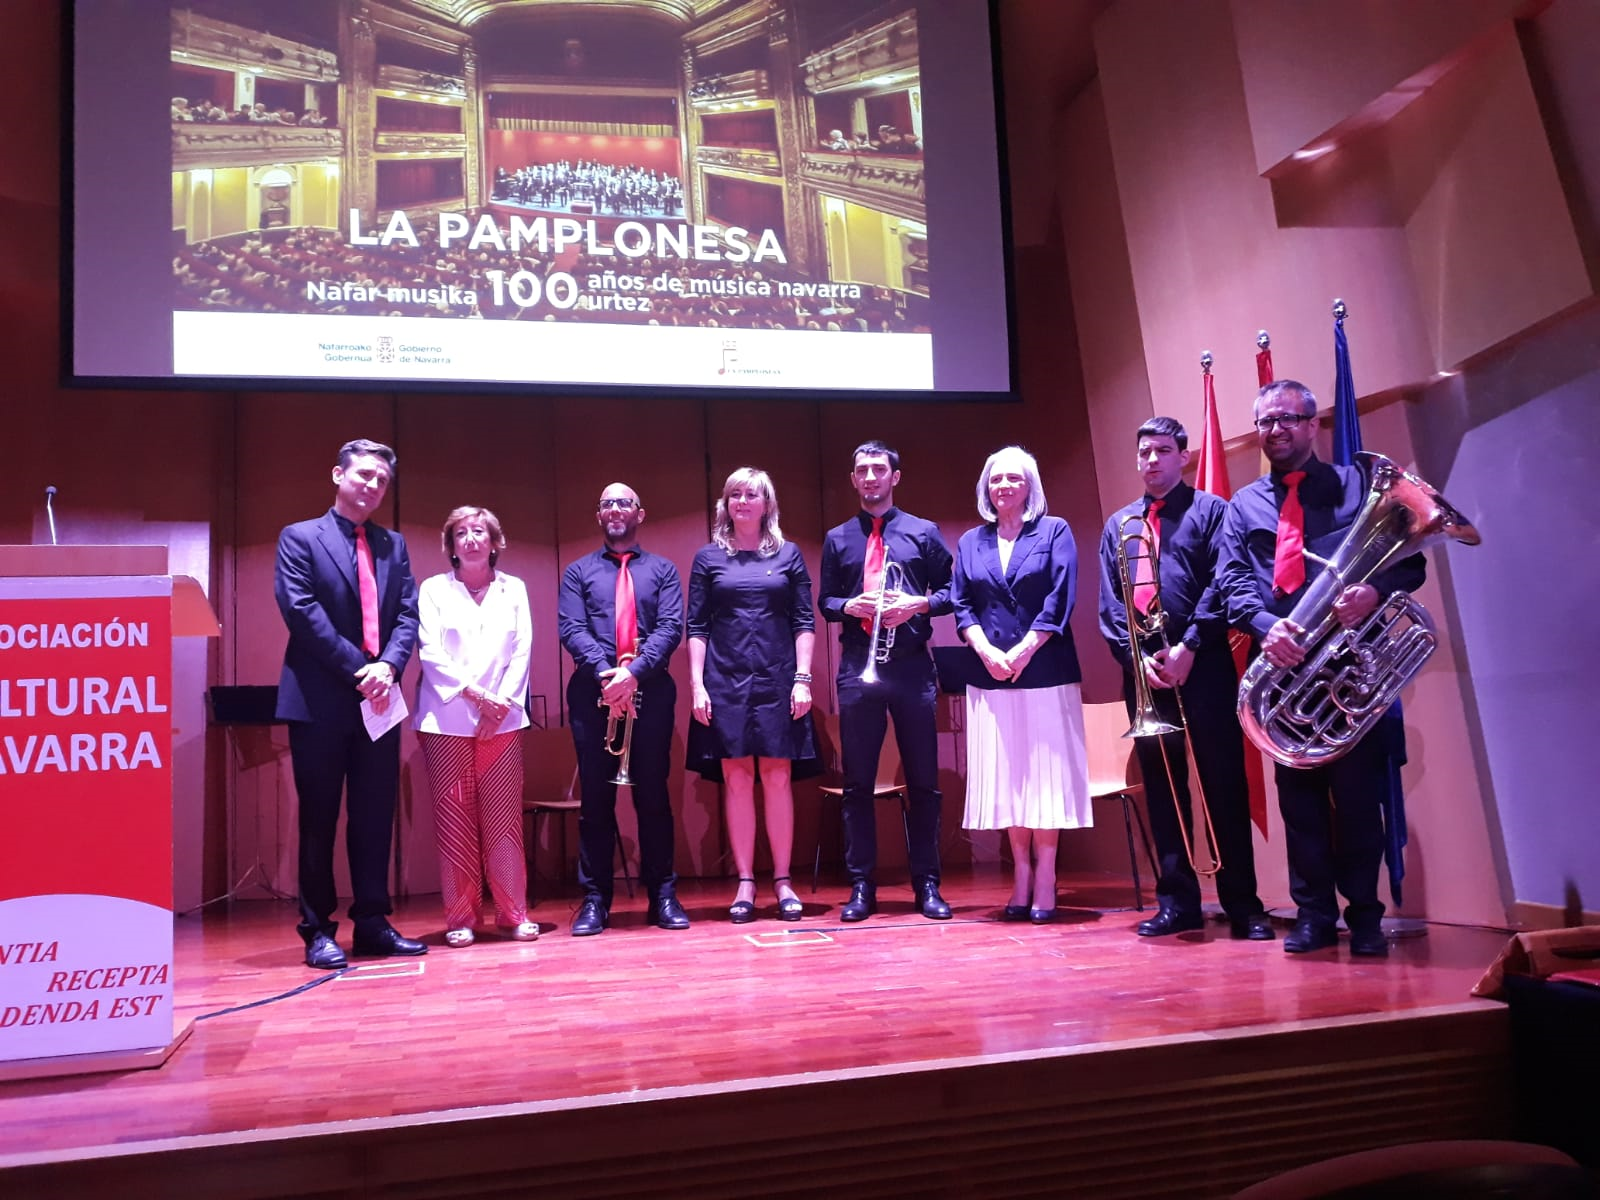 De izquierda a derecha: el presidente de La Pamplonesa, José Andrés Palacios, la presidenta de la Asociación Cultura Navarra, de Madrid, Inmaculada Alegría; la consejera Ollo; músicos del grupo de cámara de la banda la catedrática de música y Premio Nacional de Música 20017, Teresa Catalán.